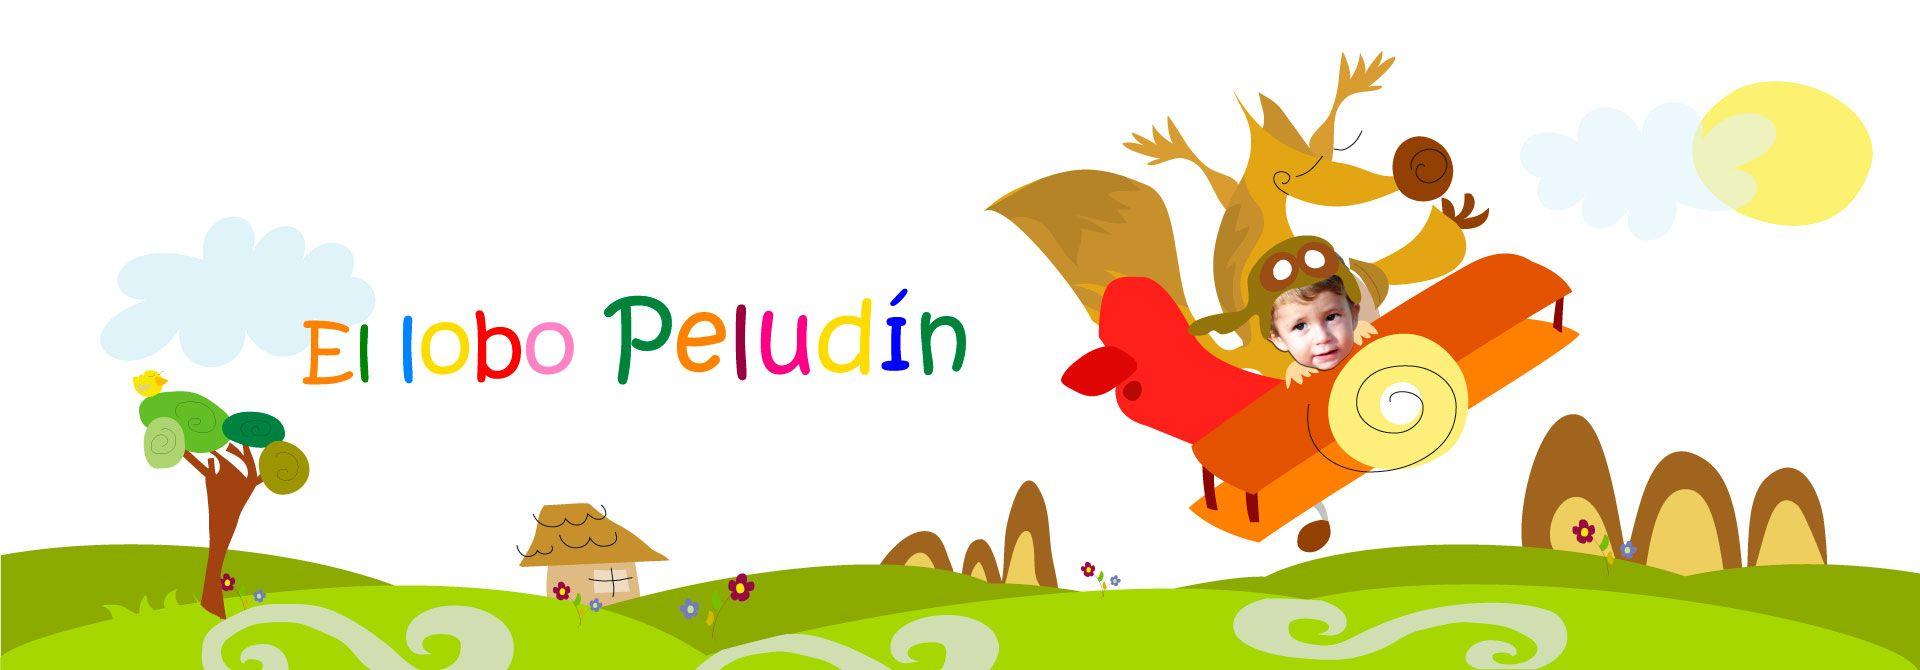 Lobo Peludín - Libro para ayudar a los niños a superar sus miedos - Encabezado del producto